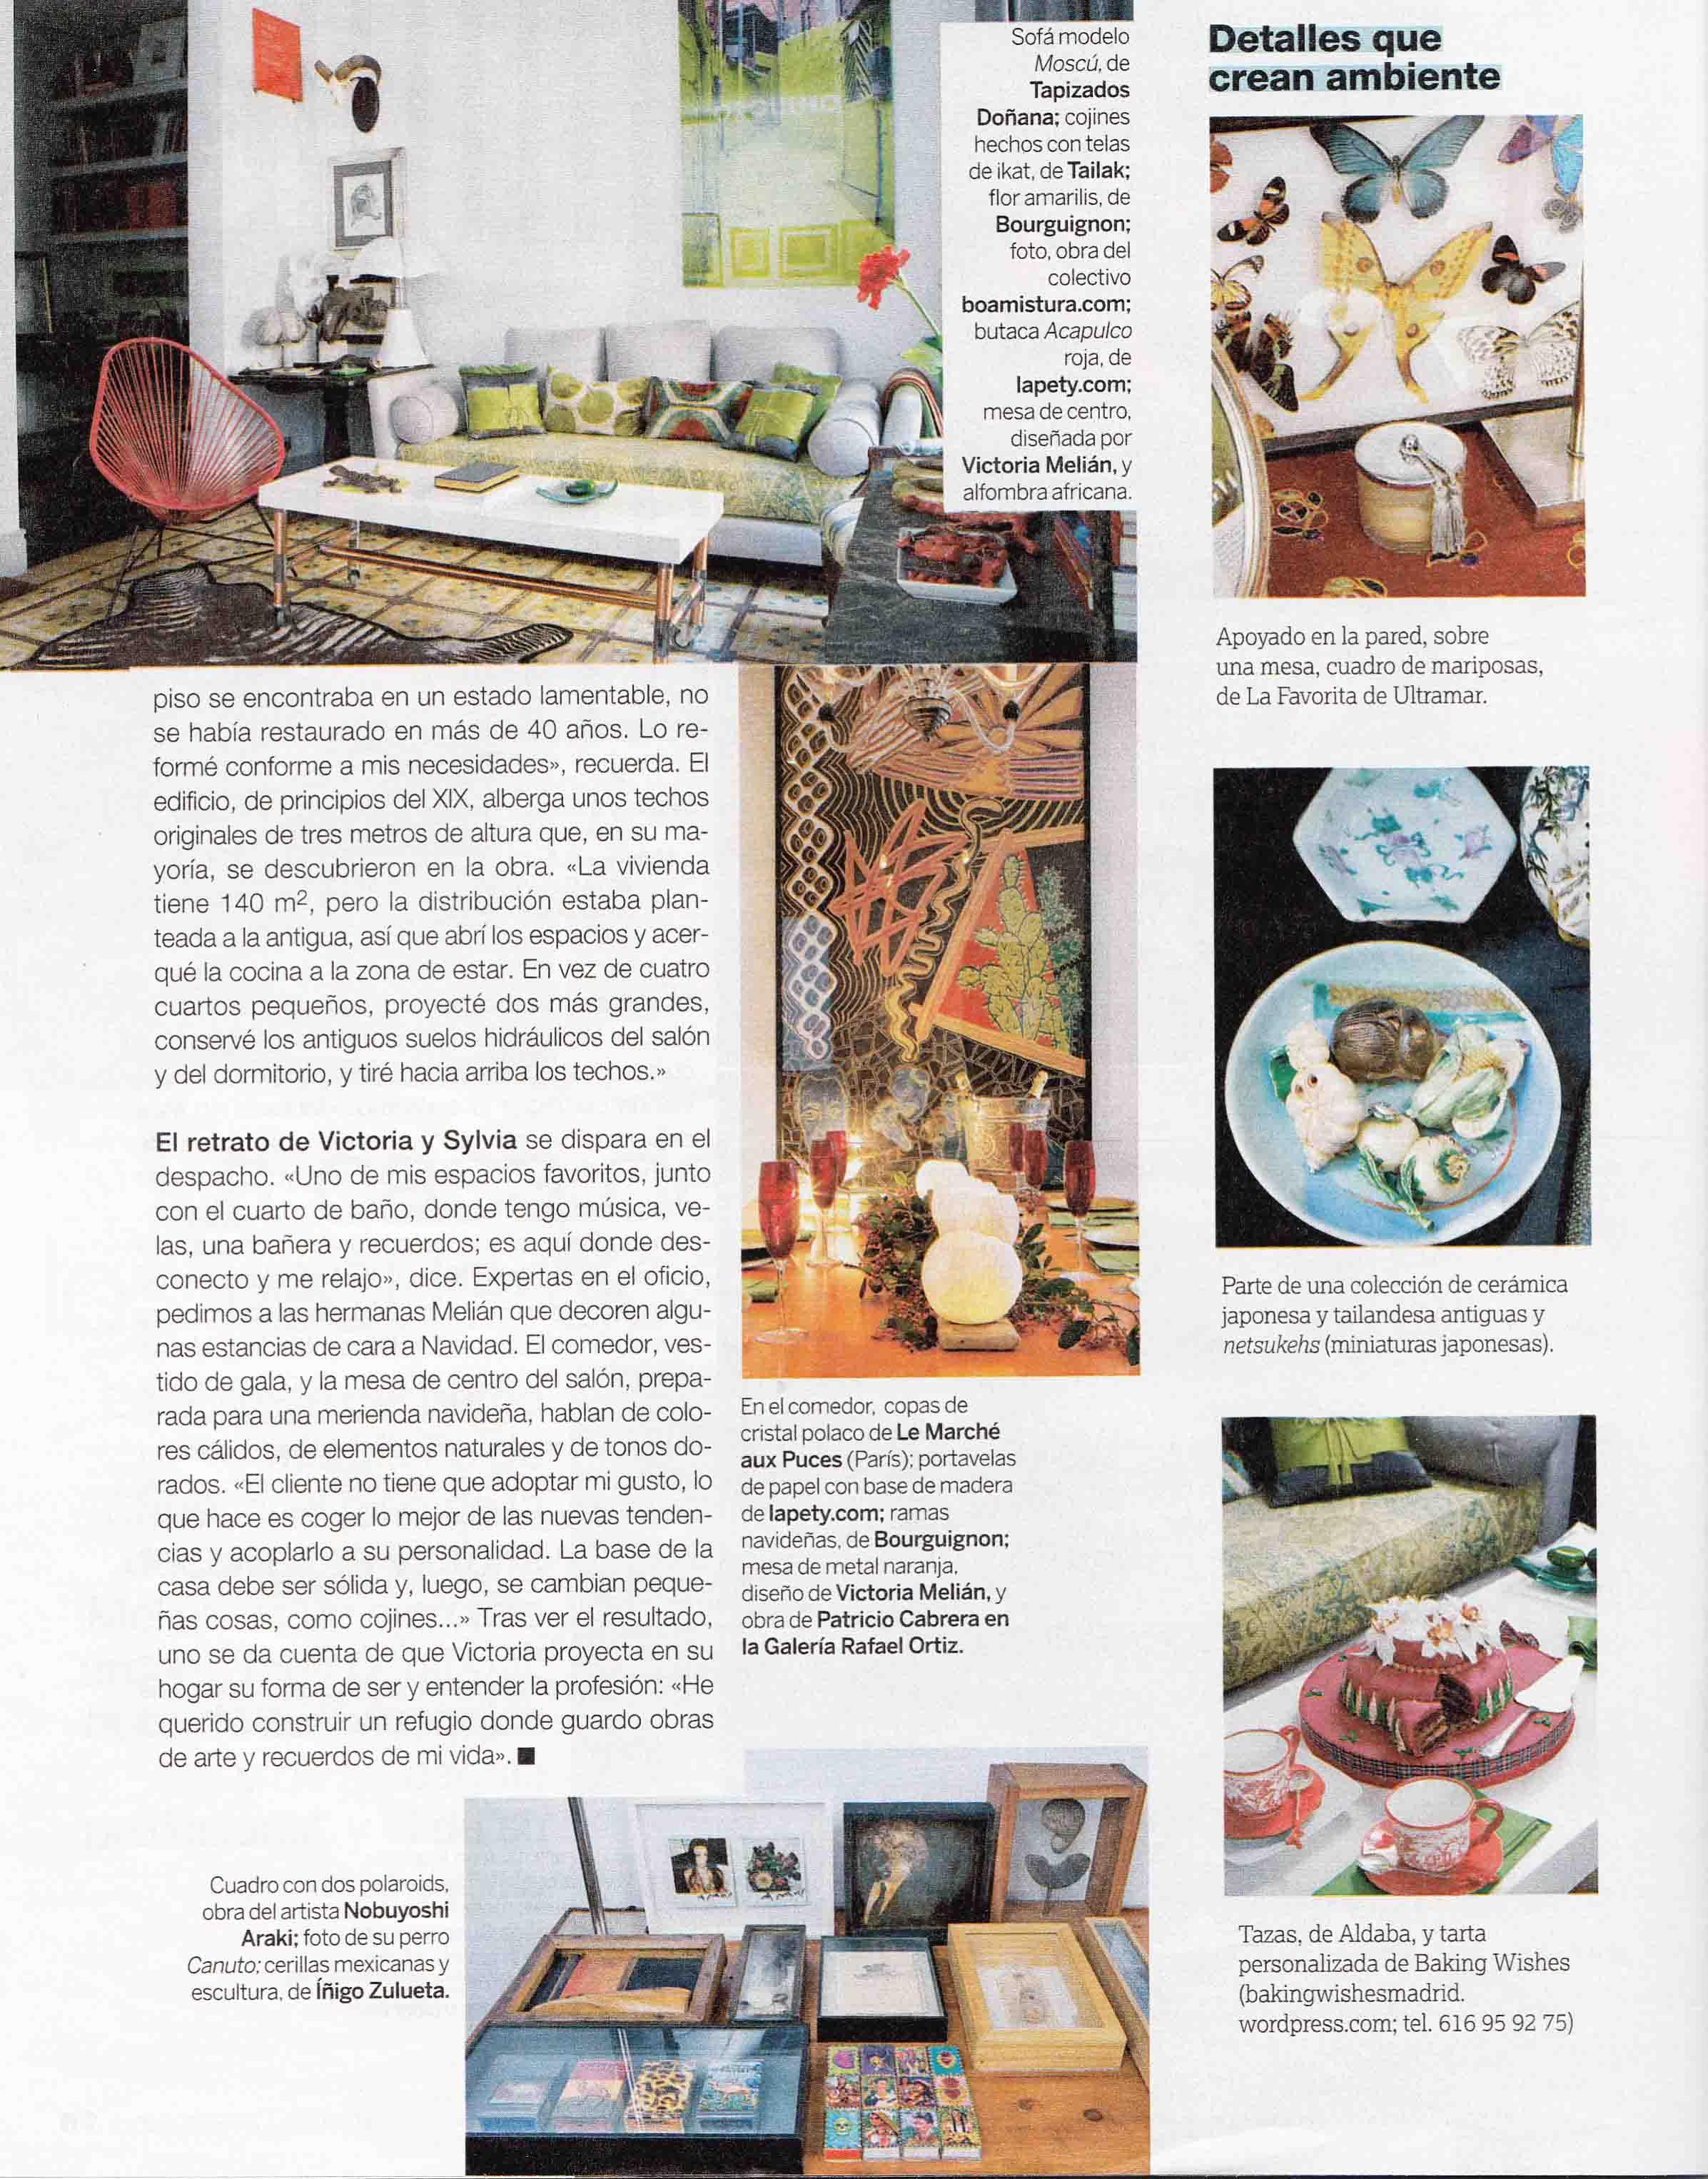 reportaje-yo_dona-melian_randolph-dieciembre-2012-2